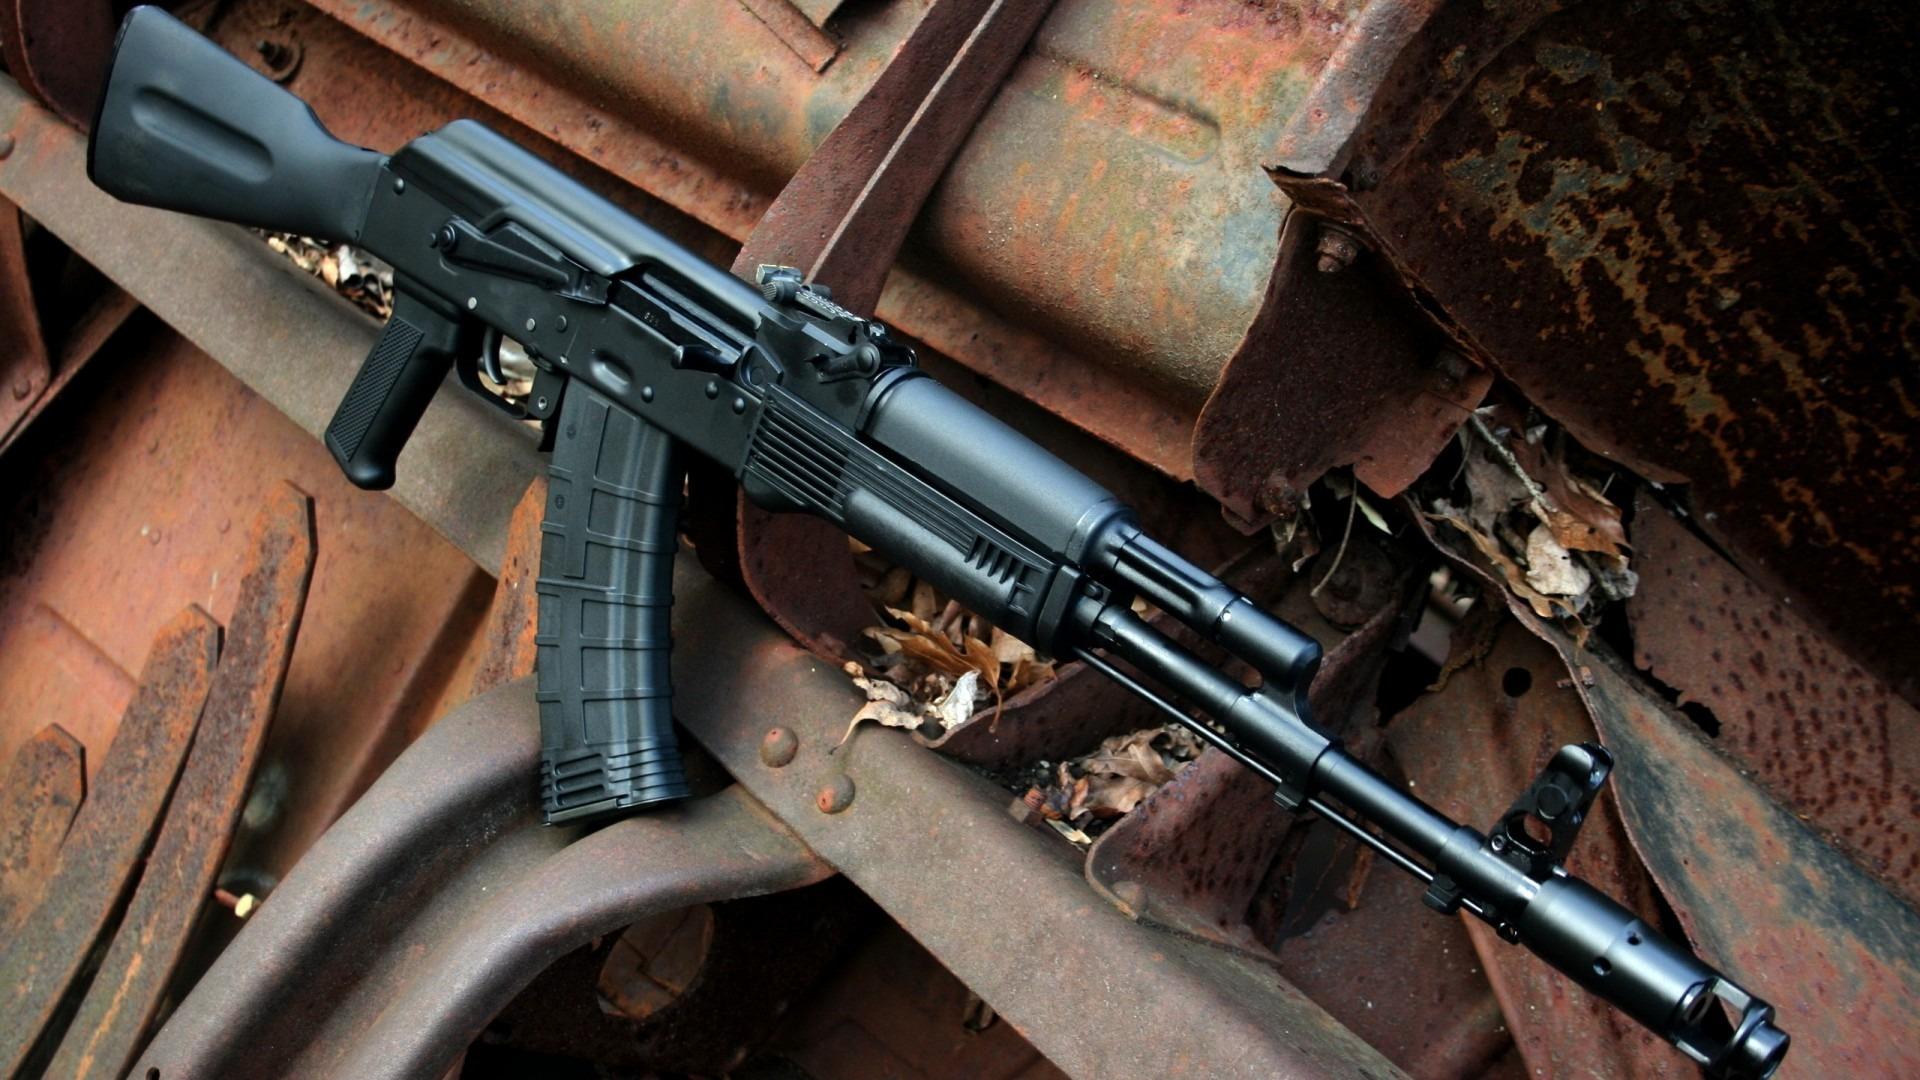 Kalashnikov iniciará produção de fuzis na Venezuela em 2019